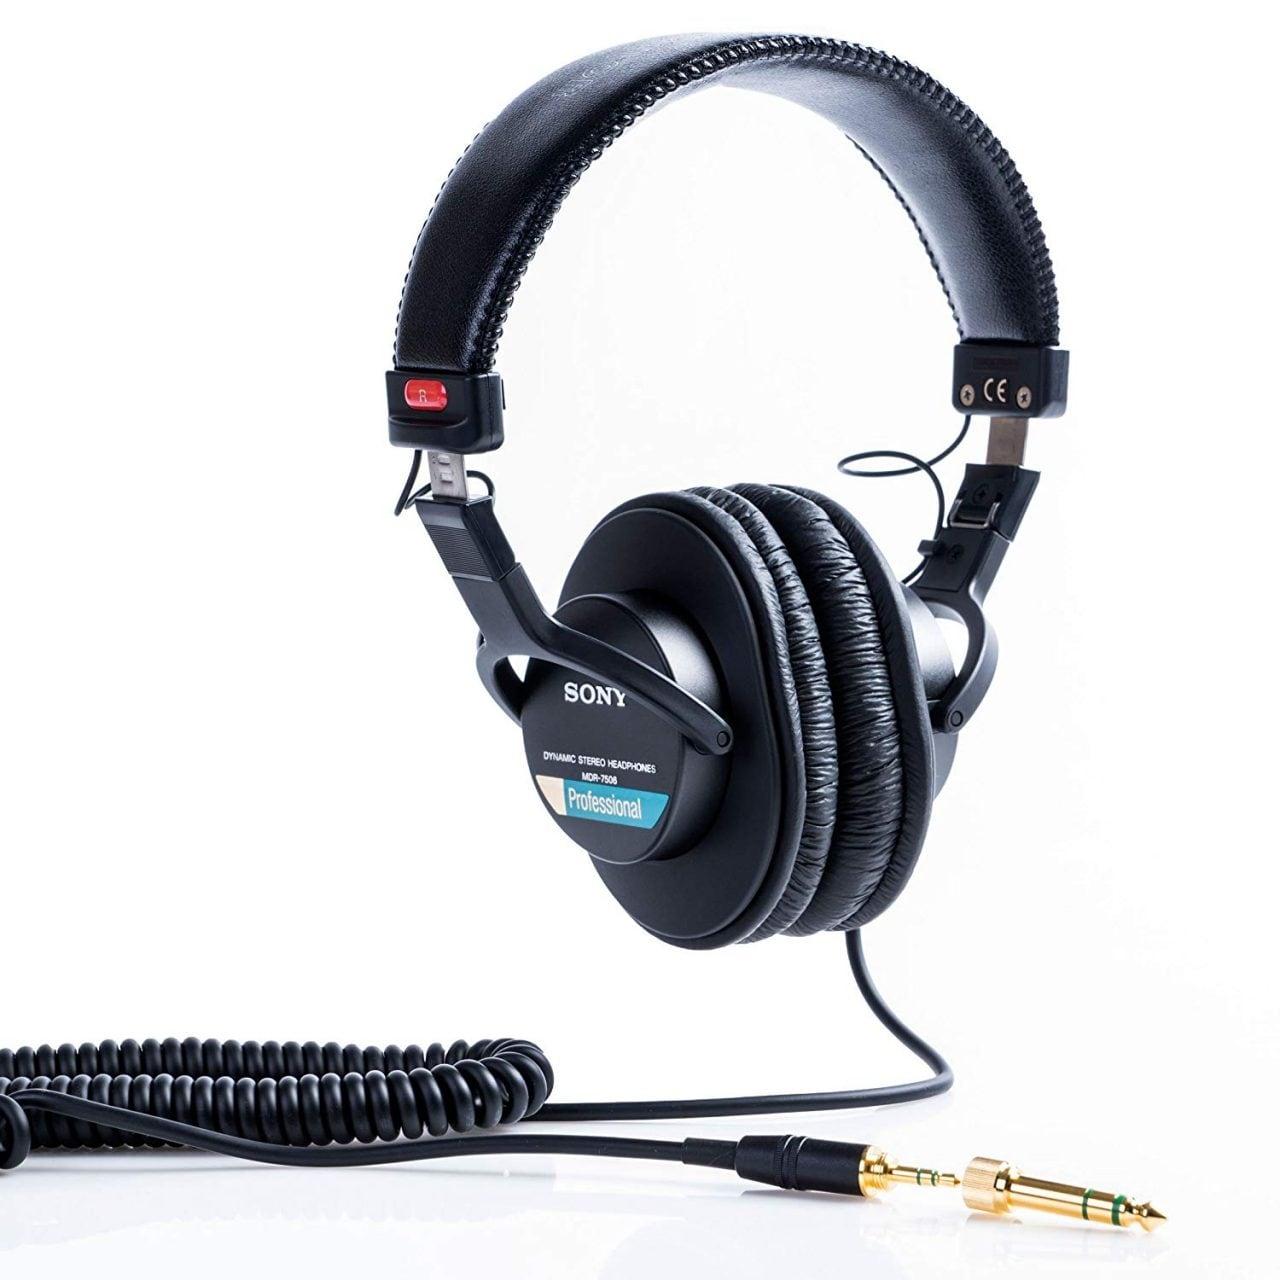 Sony MDR-7506 al miglior prezzo su Amazon: cuffie da veri audiofili